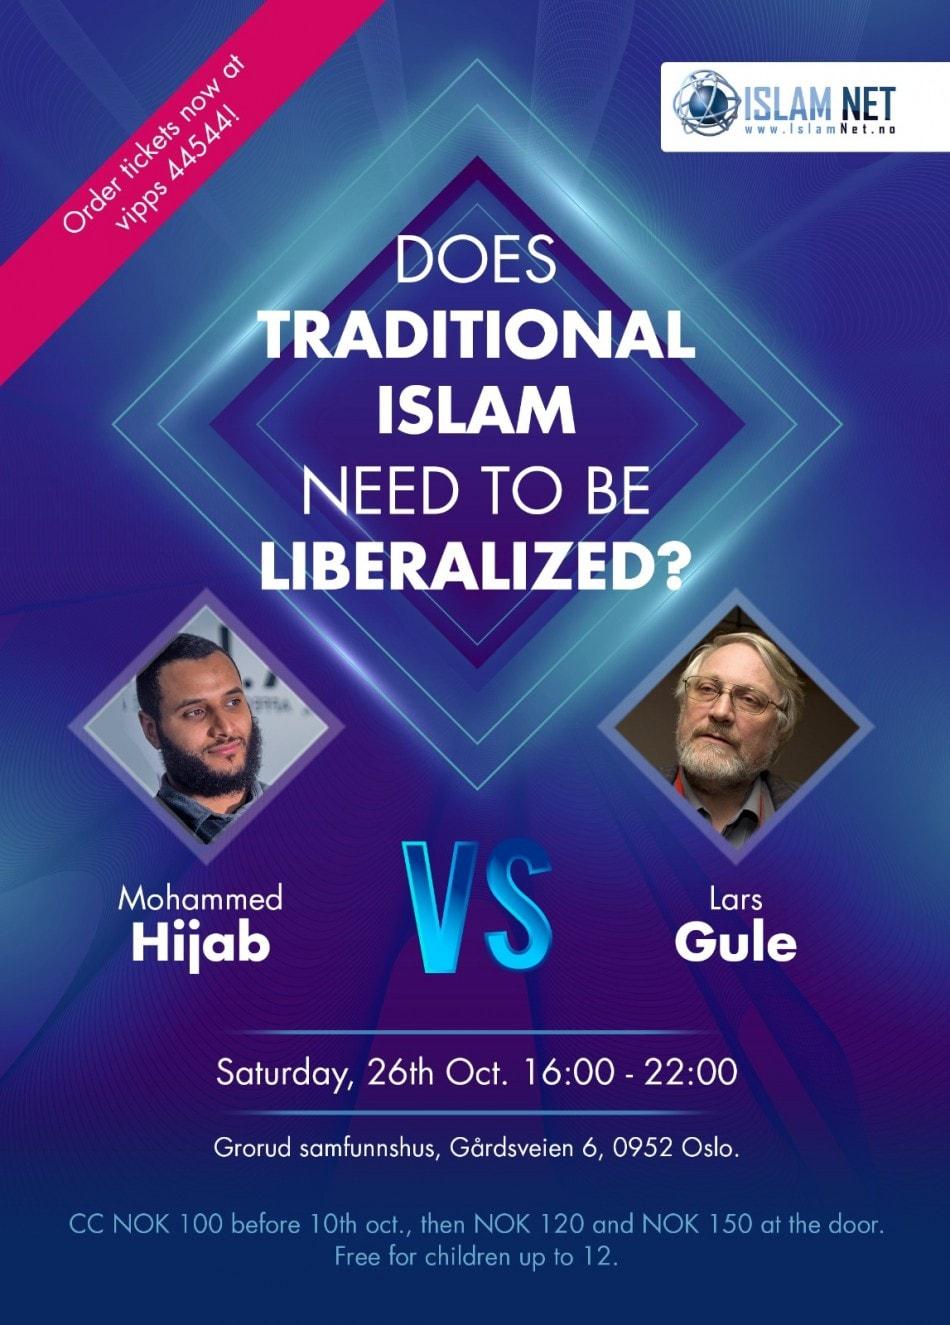 Bør tradisjonell islam liberaliseres?